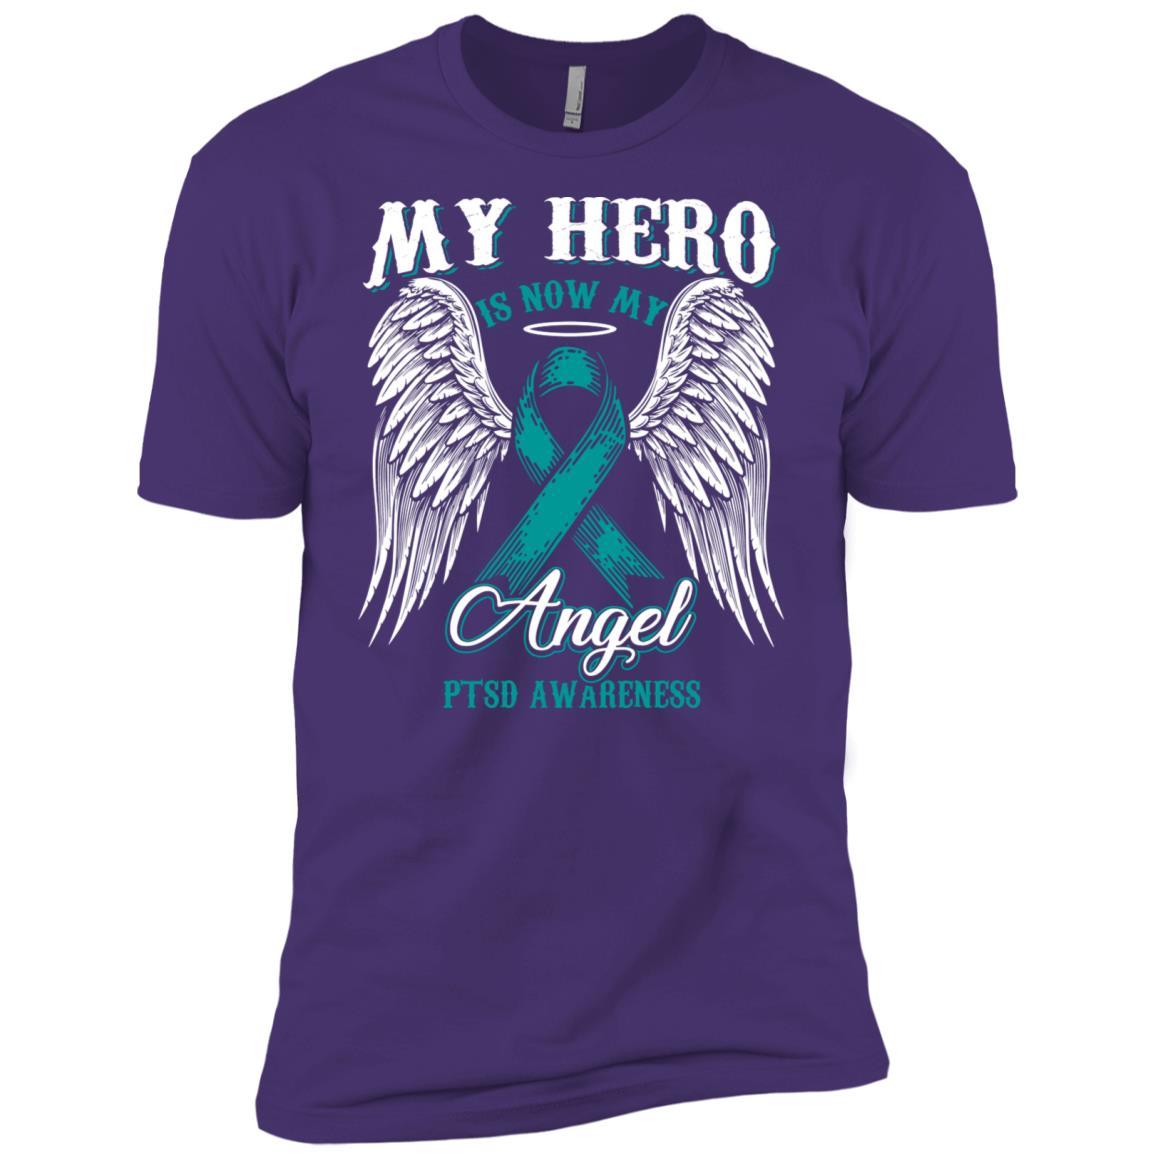 My Hero Is Now My Angel Ptsd Awareness Men Short Sleeve T-Shirt